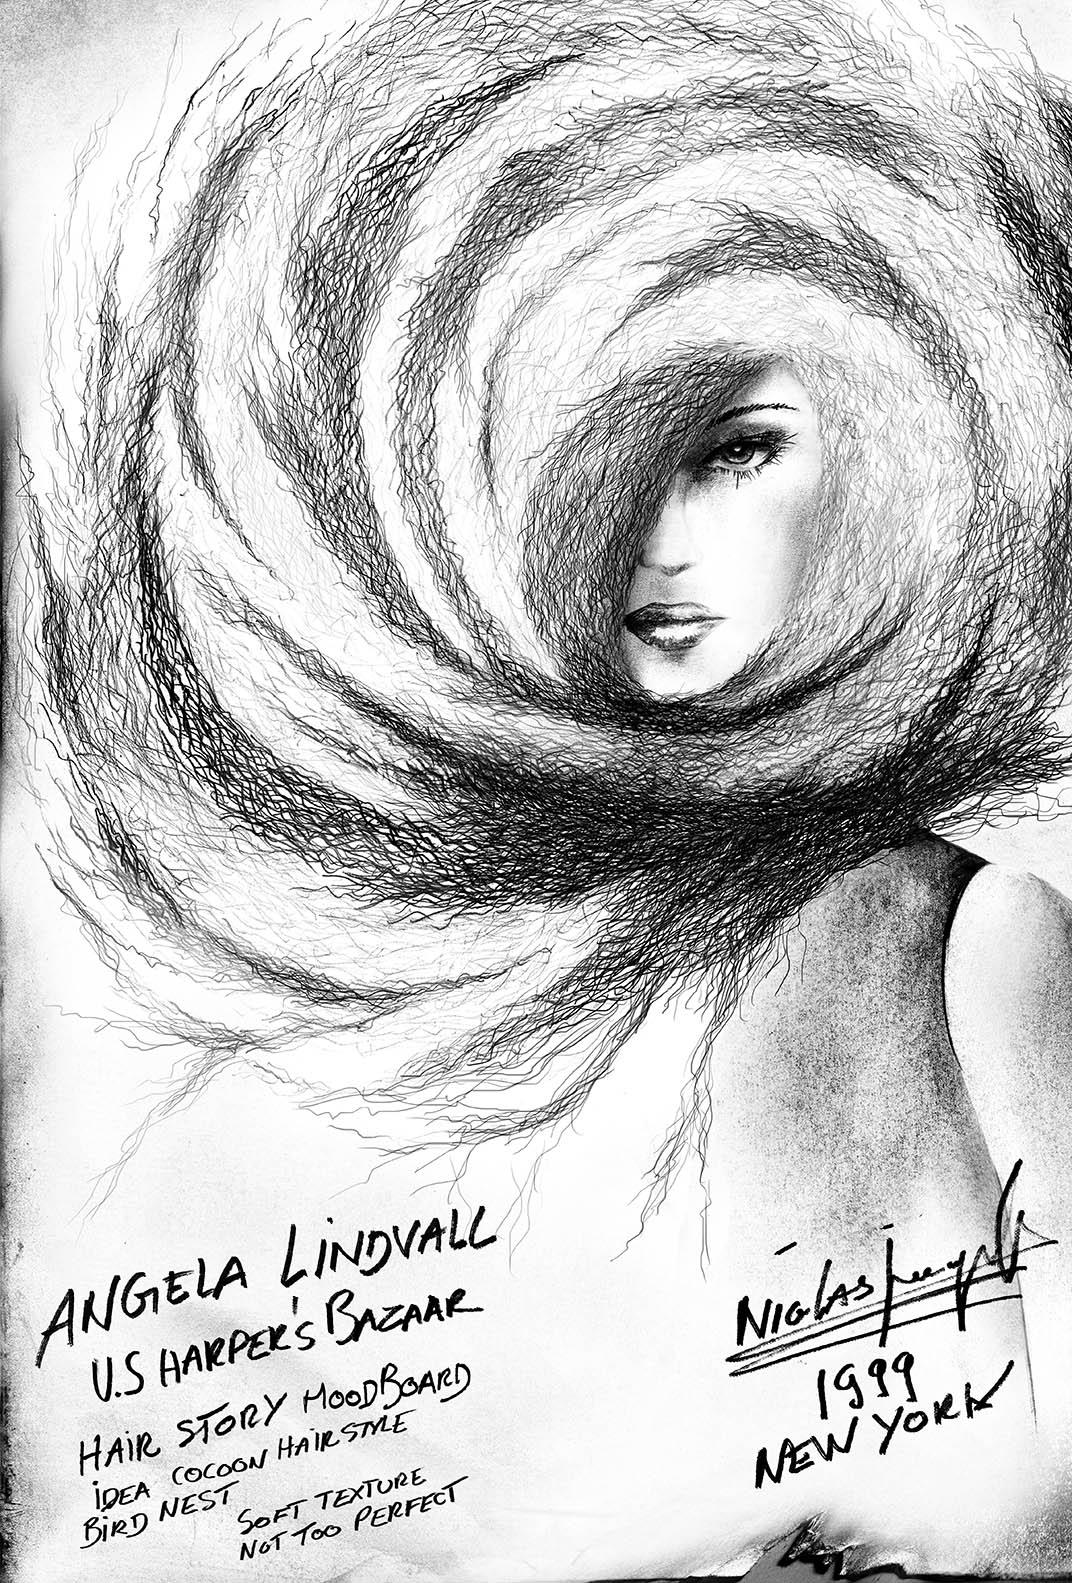 Image credit:Drawings by Nicolas Jurnjack